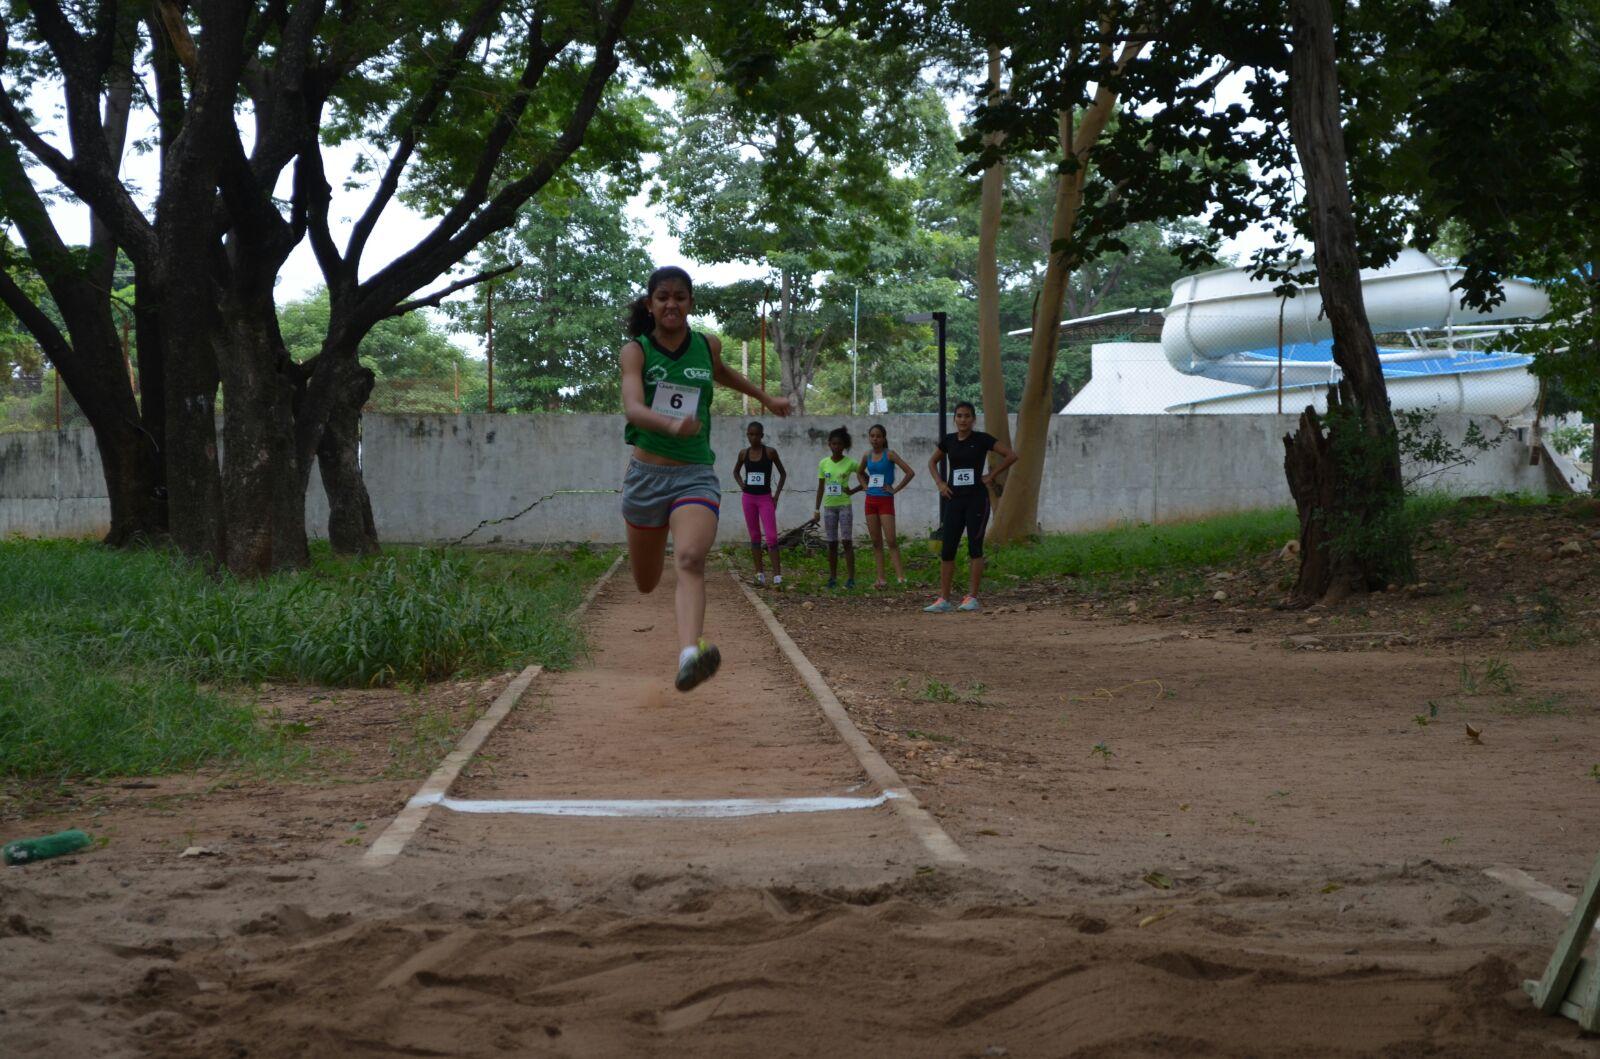 Las condiciones de las pistas del Parque La Vallenata tampoco cuentan con todas las condiciones para el desarrollo del torneo de atletismo.  ARCHIVO